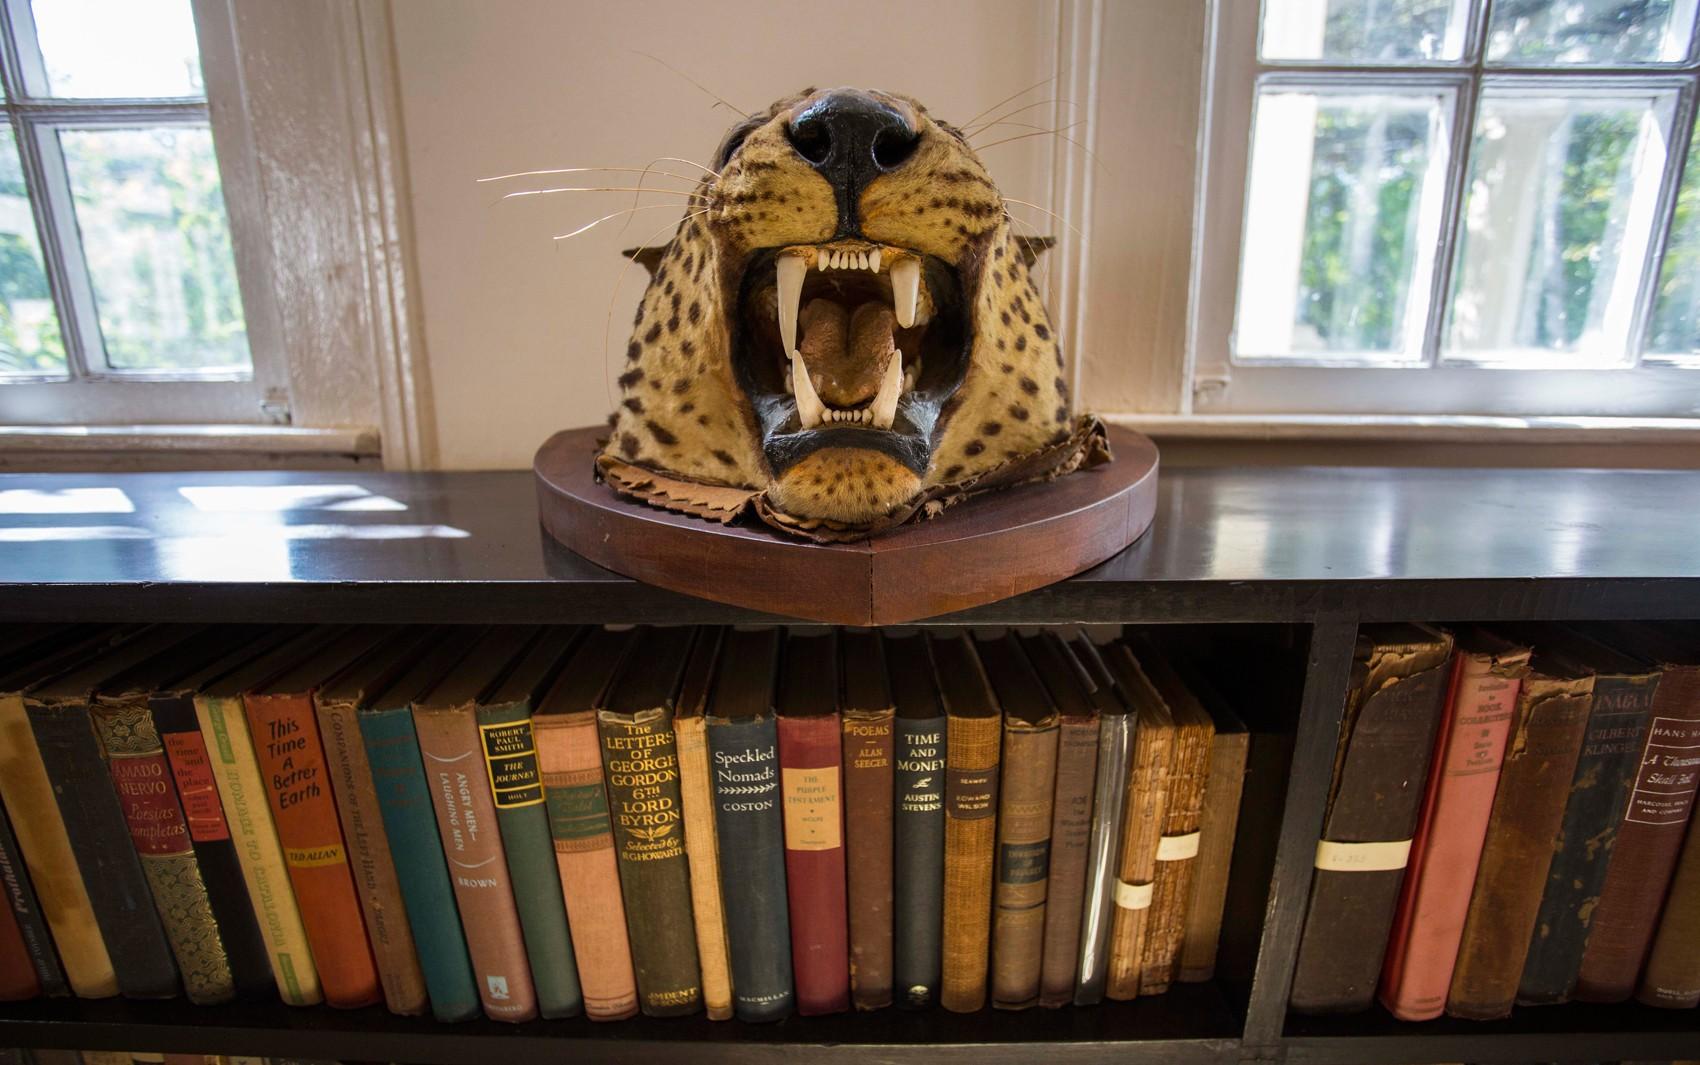 Troféu de caça sobre prateleira de livros em Finca Vigia, casa do escritor americano Ernest Hemingway em Havana, Cuba